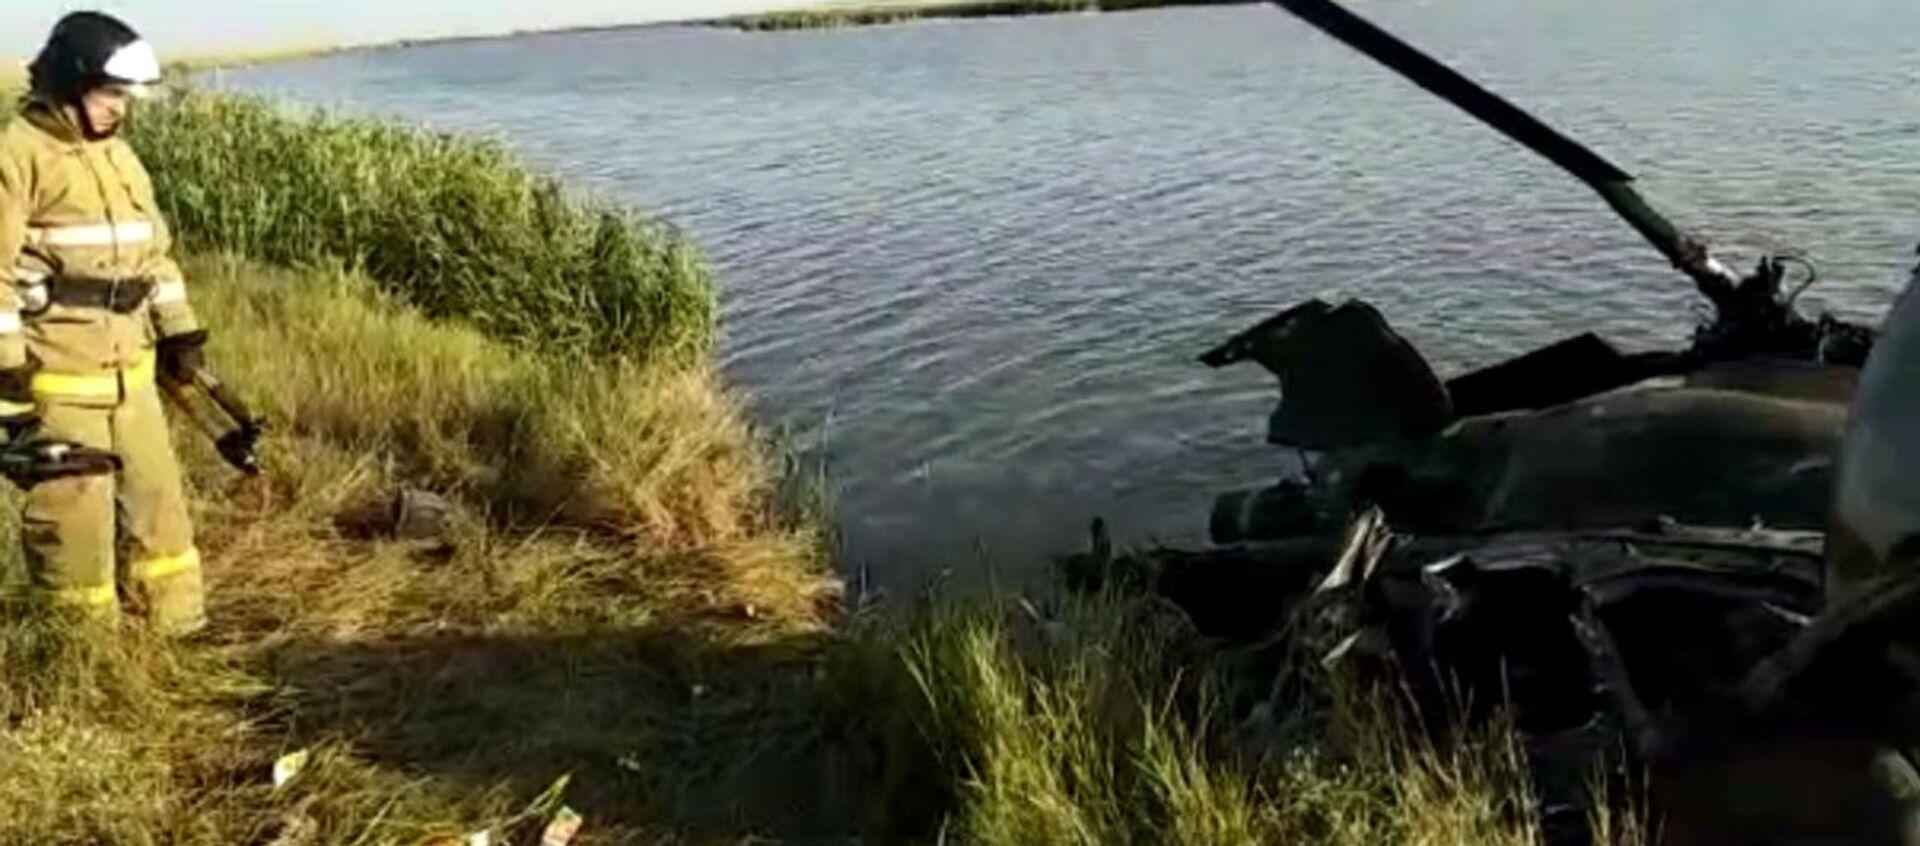 Видео с места жёсткой посадки вертолёта Ми-2 в Ростовской области - Sputnik Таджикистан, 1920, 06.07.2020